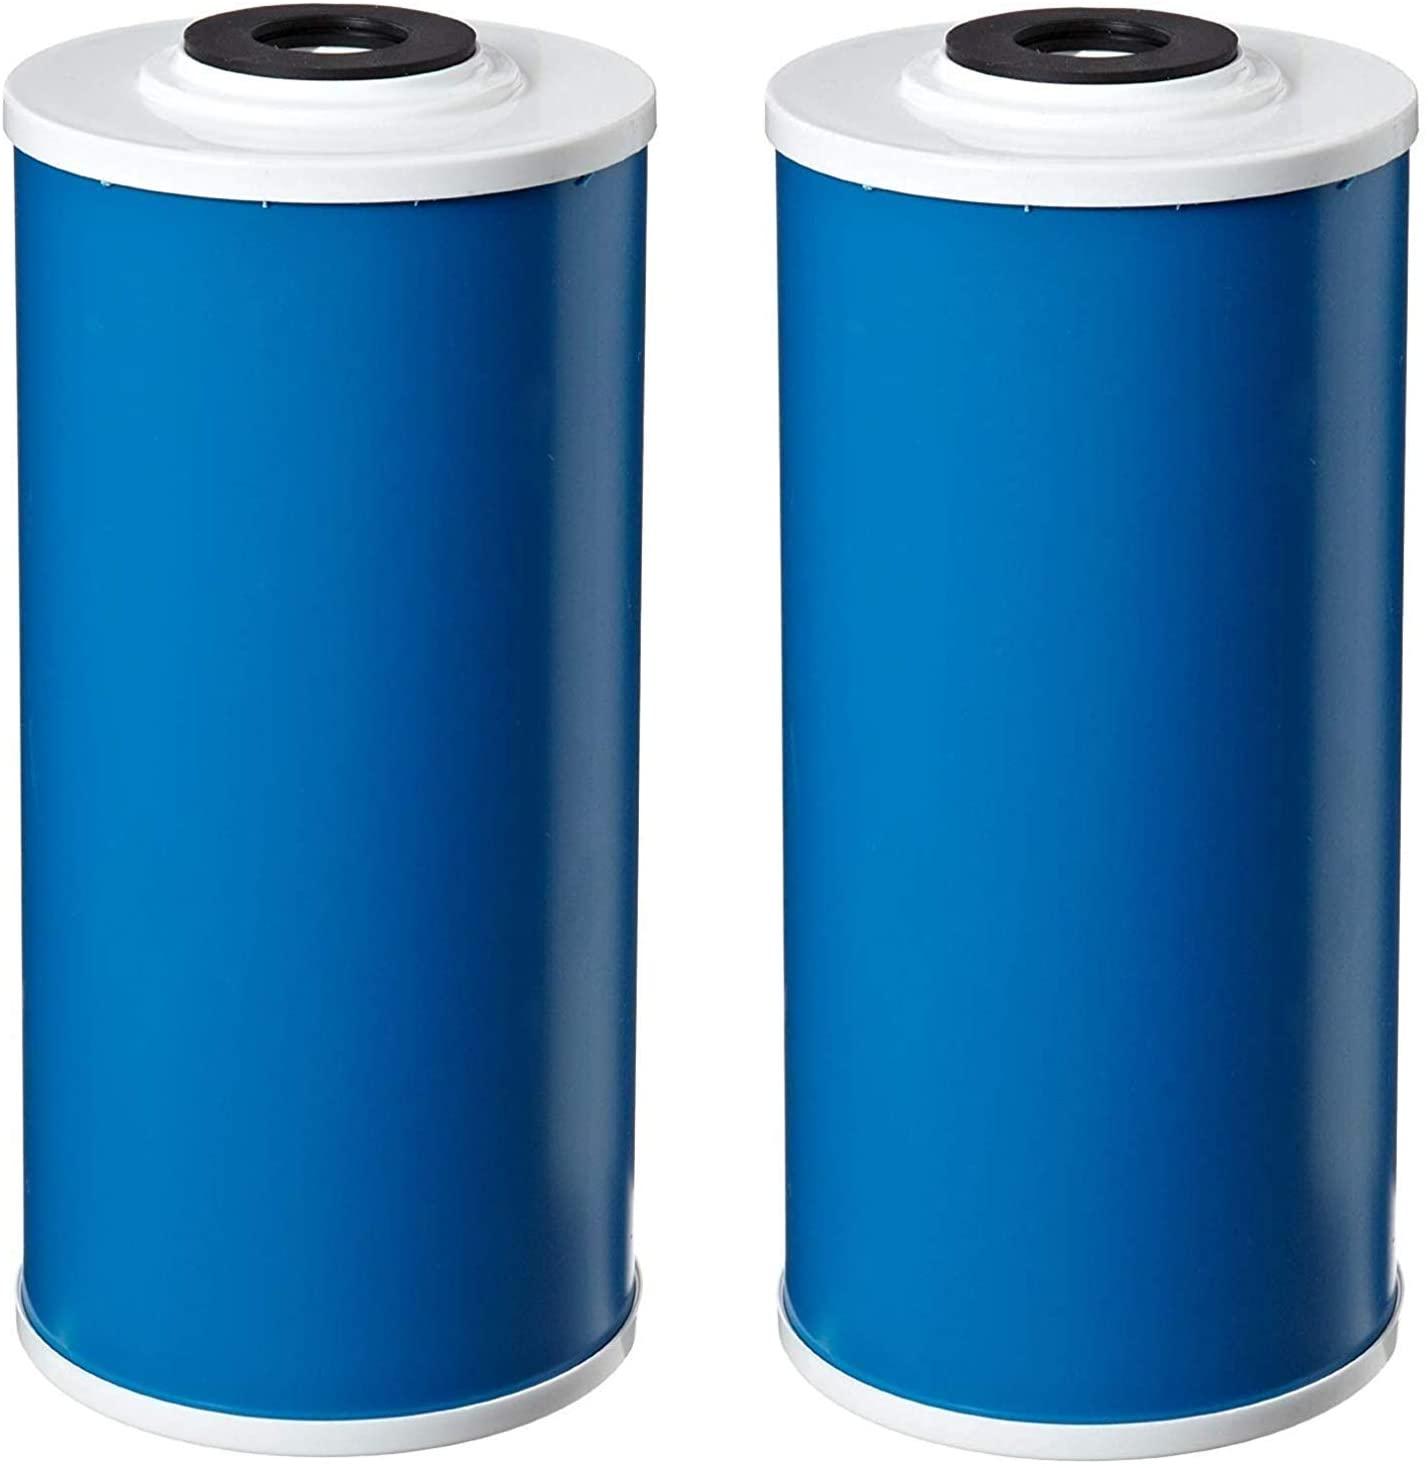 Pentek GAC-BB Drinking Water Filter (9-3/4 x 4-1/2) (Pack of 2)